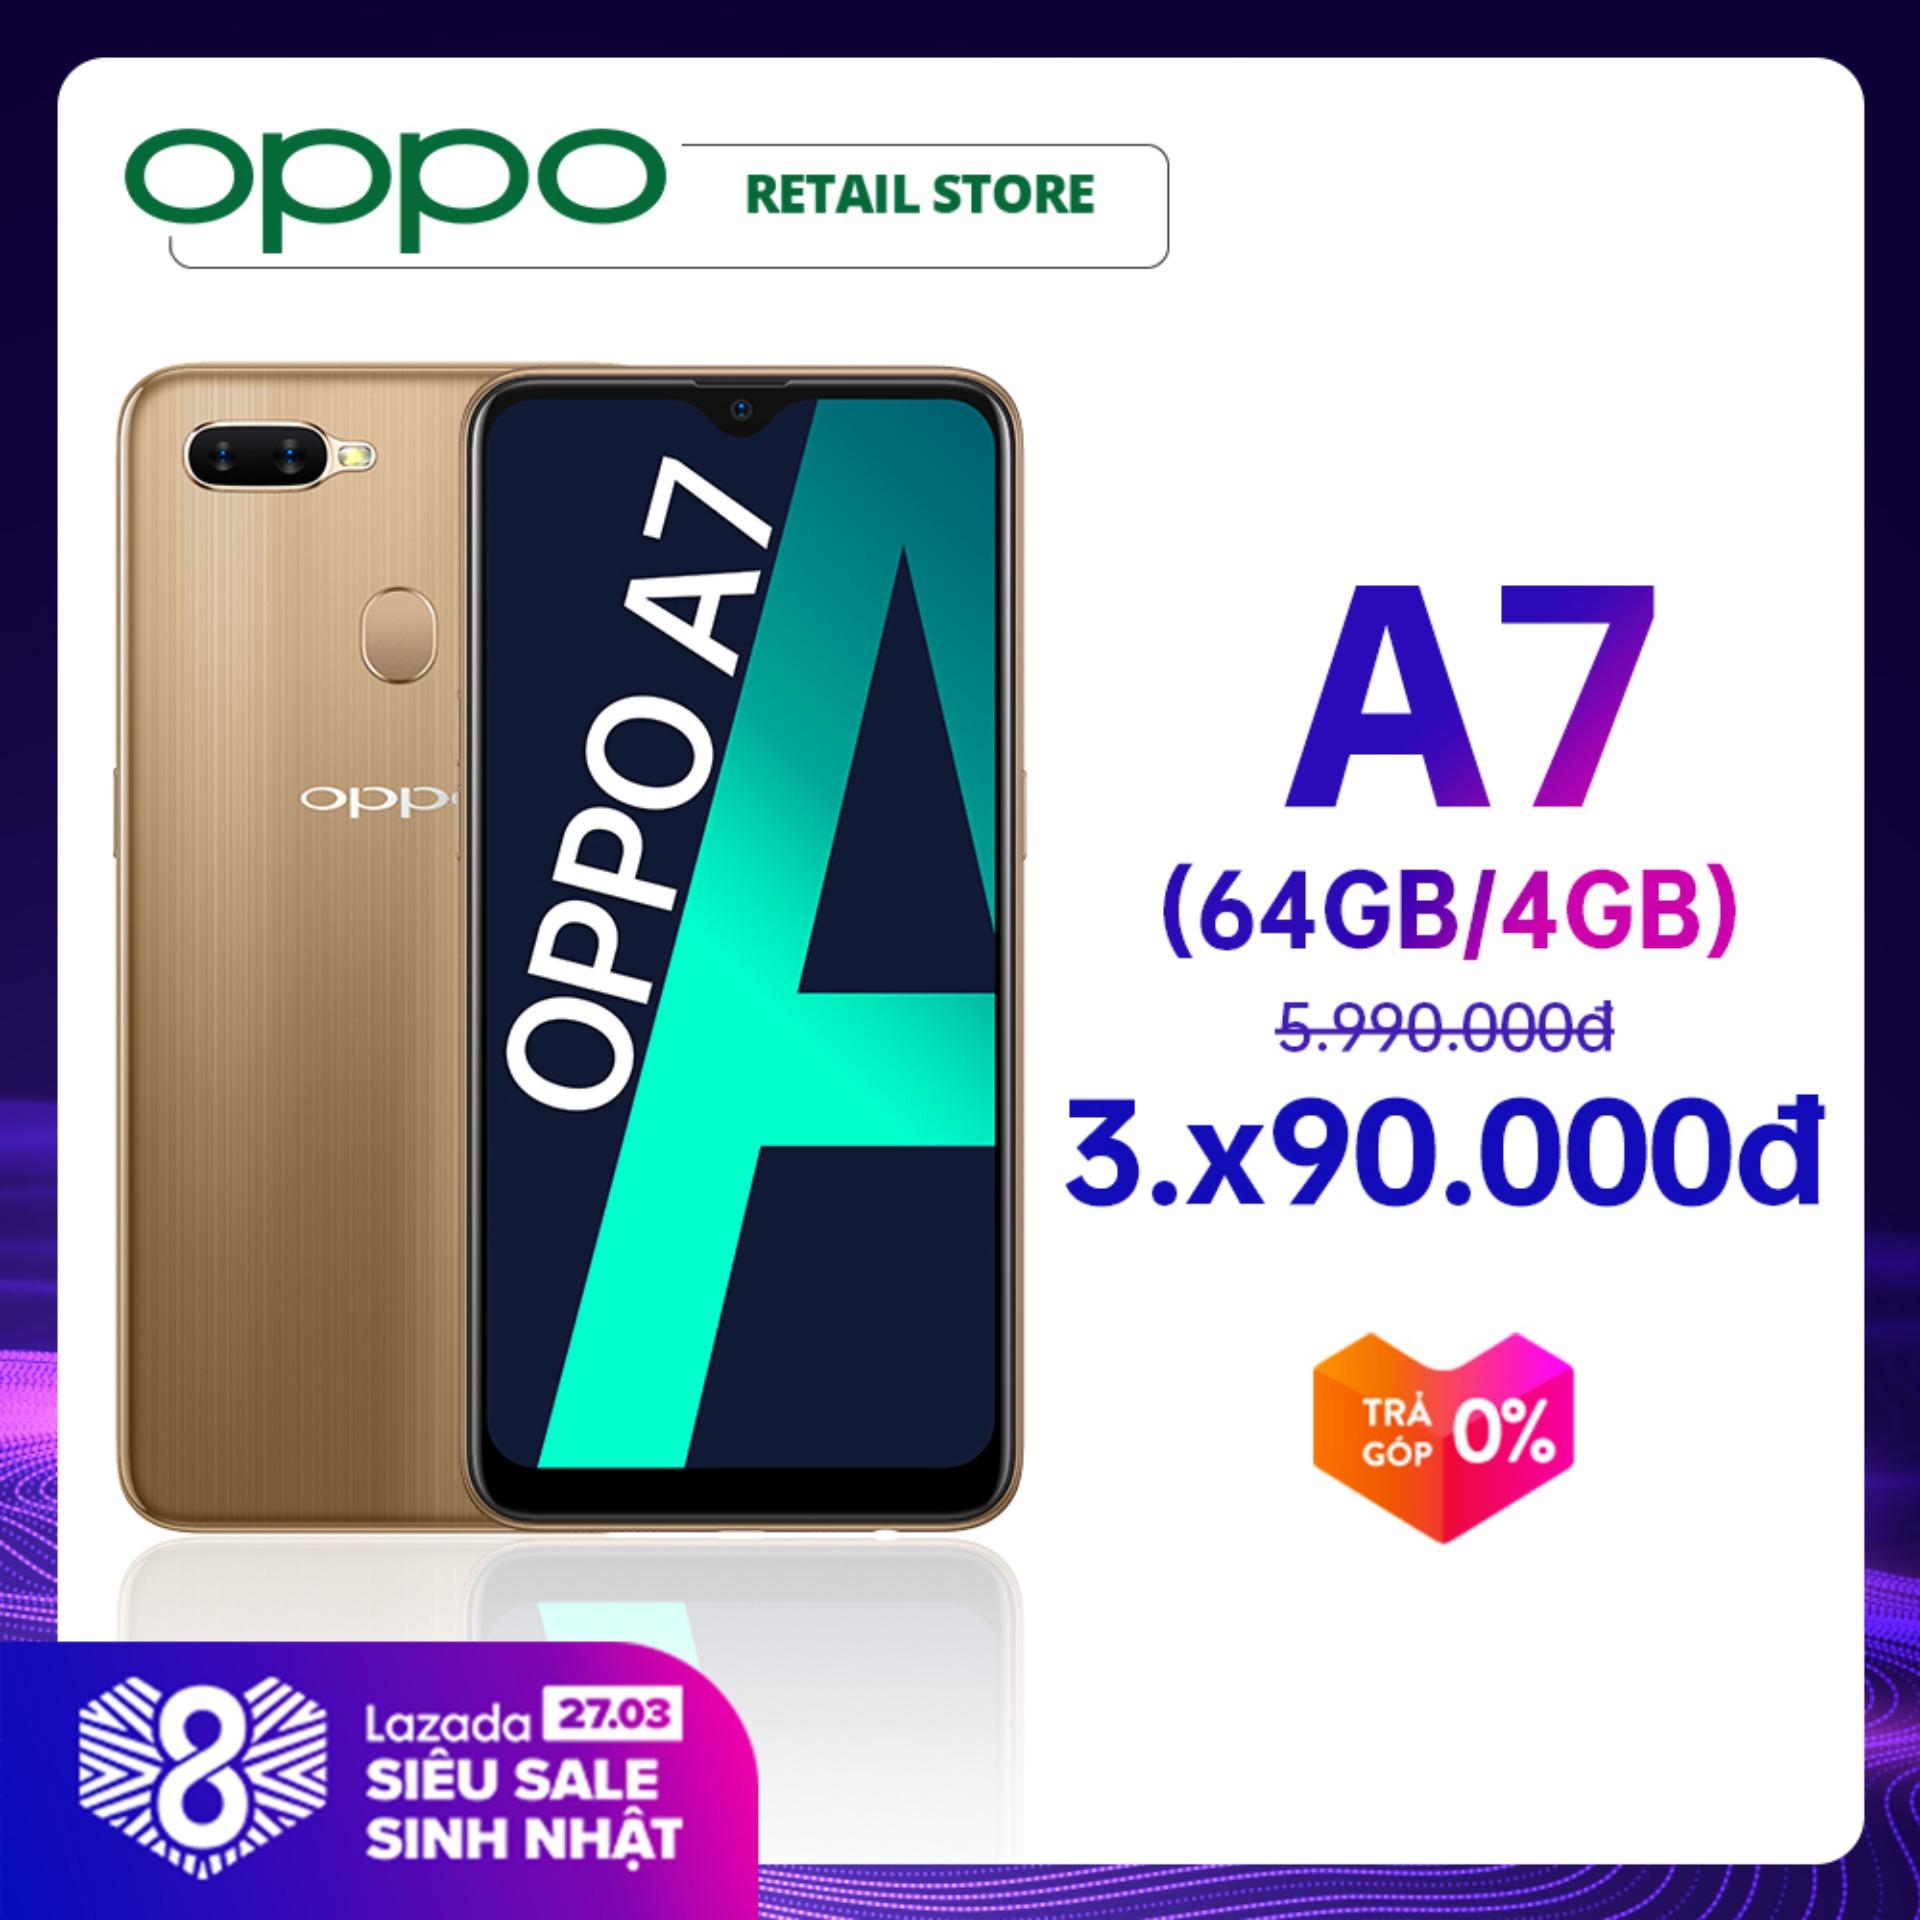 TRẢ GÓP 0% Điện thoại Oppo A7 (4GB/64GB) - Hàng chính hãng - Màn hình rộng 6.2'' Camera sau kép 13MP+2MP Camera trước 16MP Snapdragon 450 8 nhân 2 Nano SIM Pin lớn 4230mAh